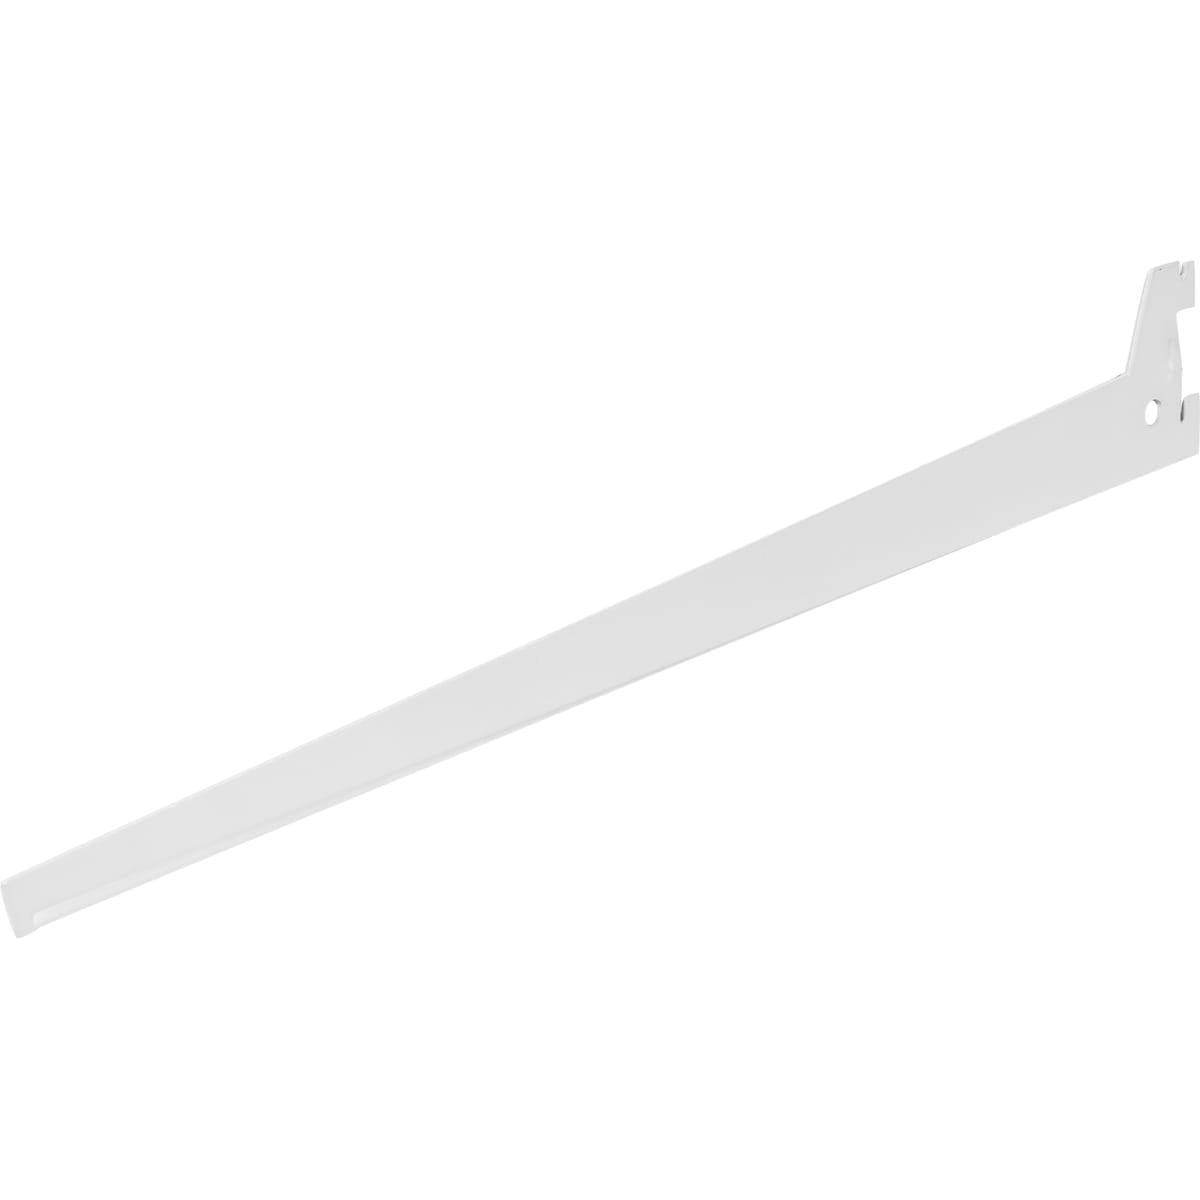 Кронштейн прямой однорядный 40 см нагрузка до 26 кг цвет белый